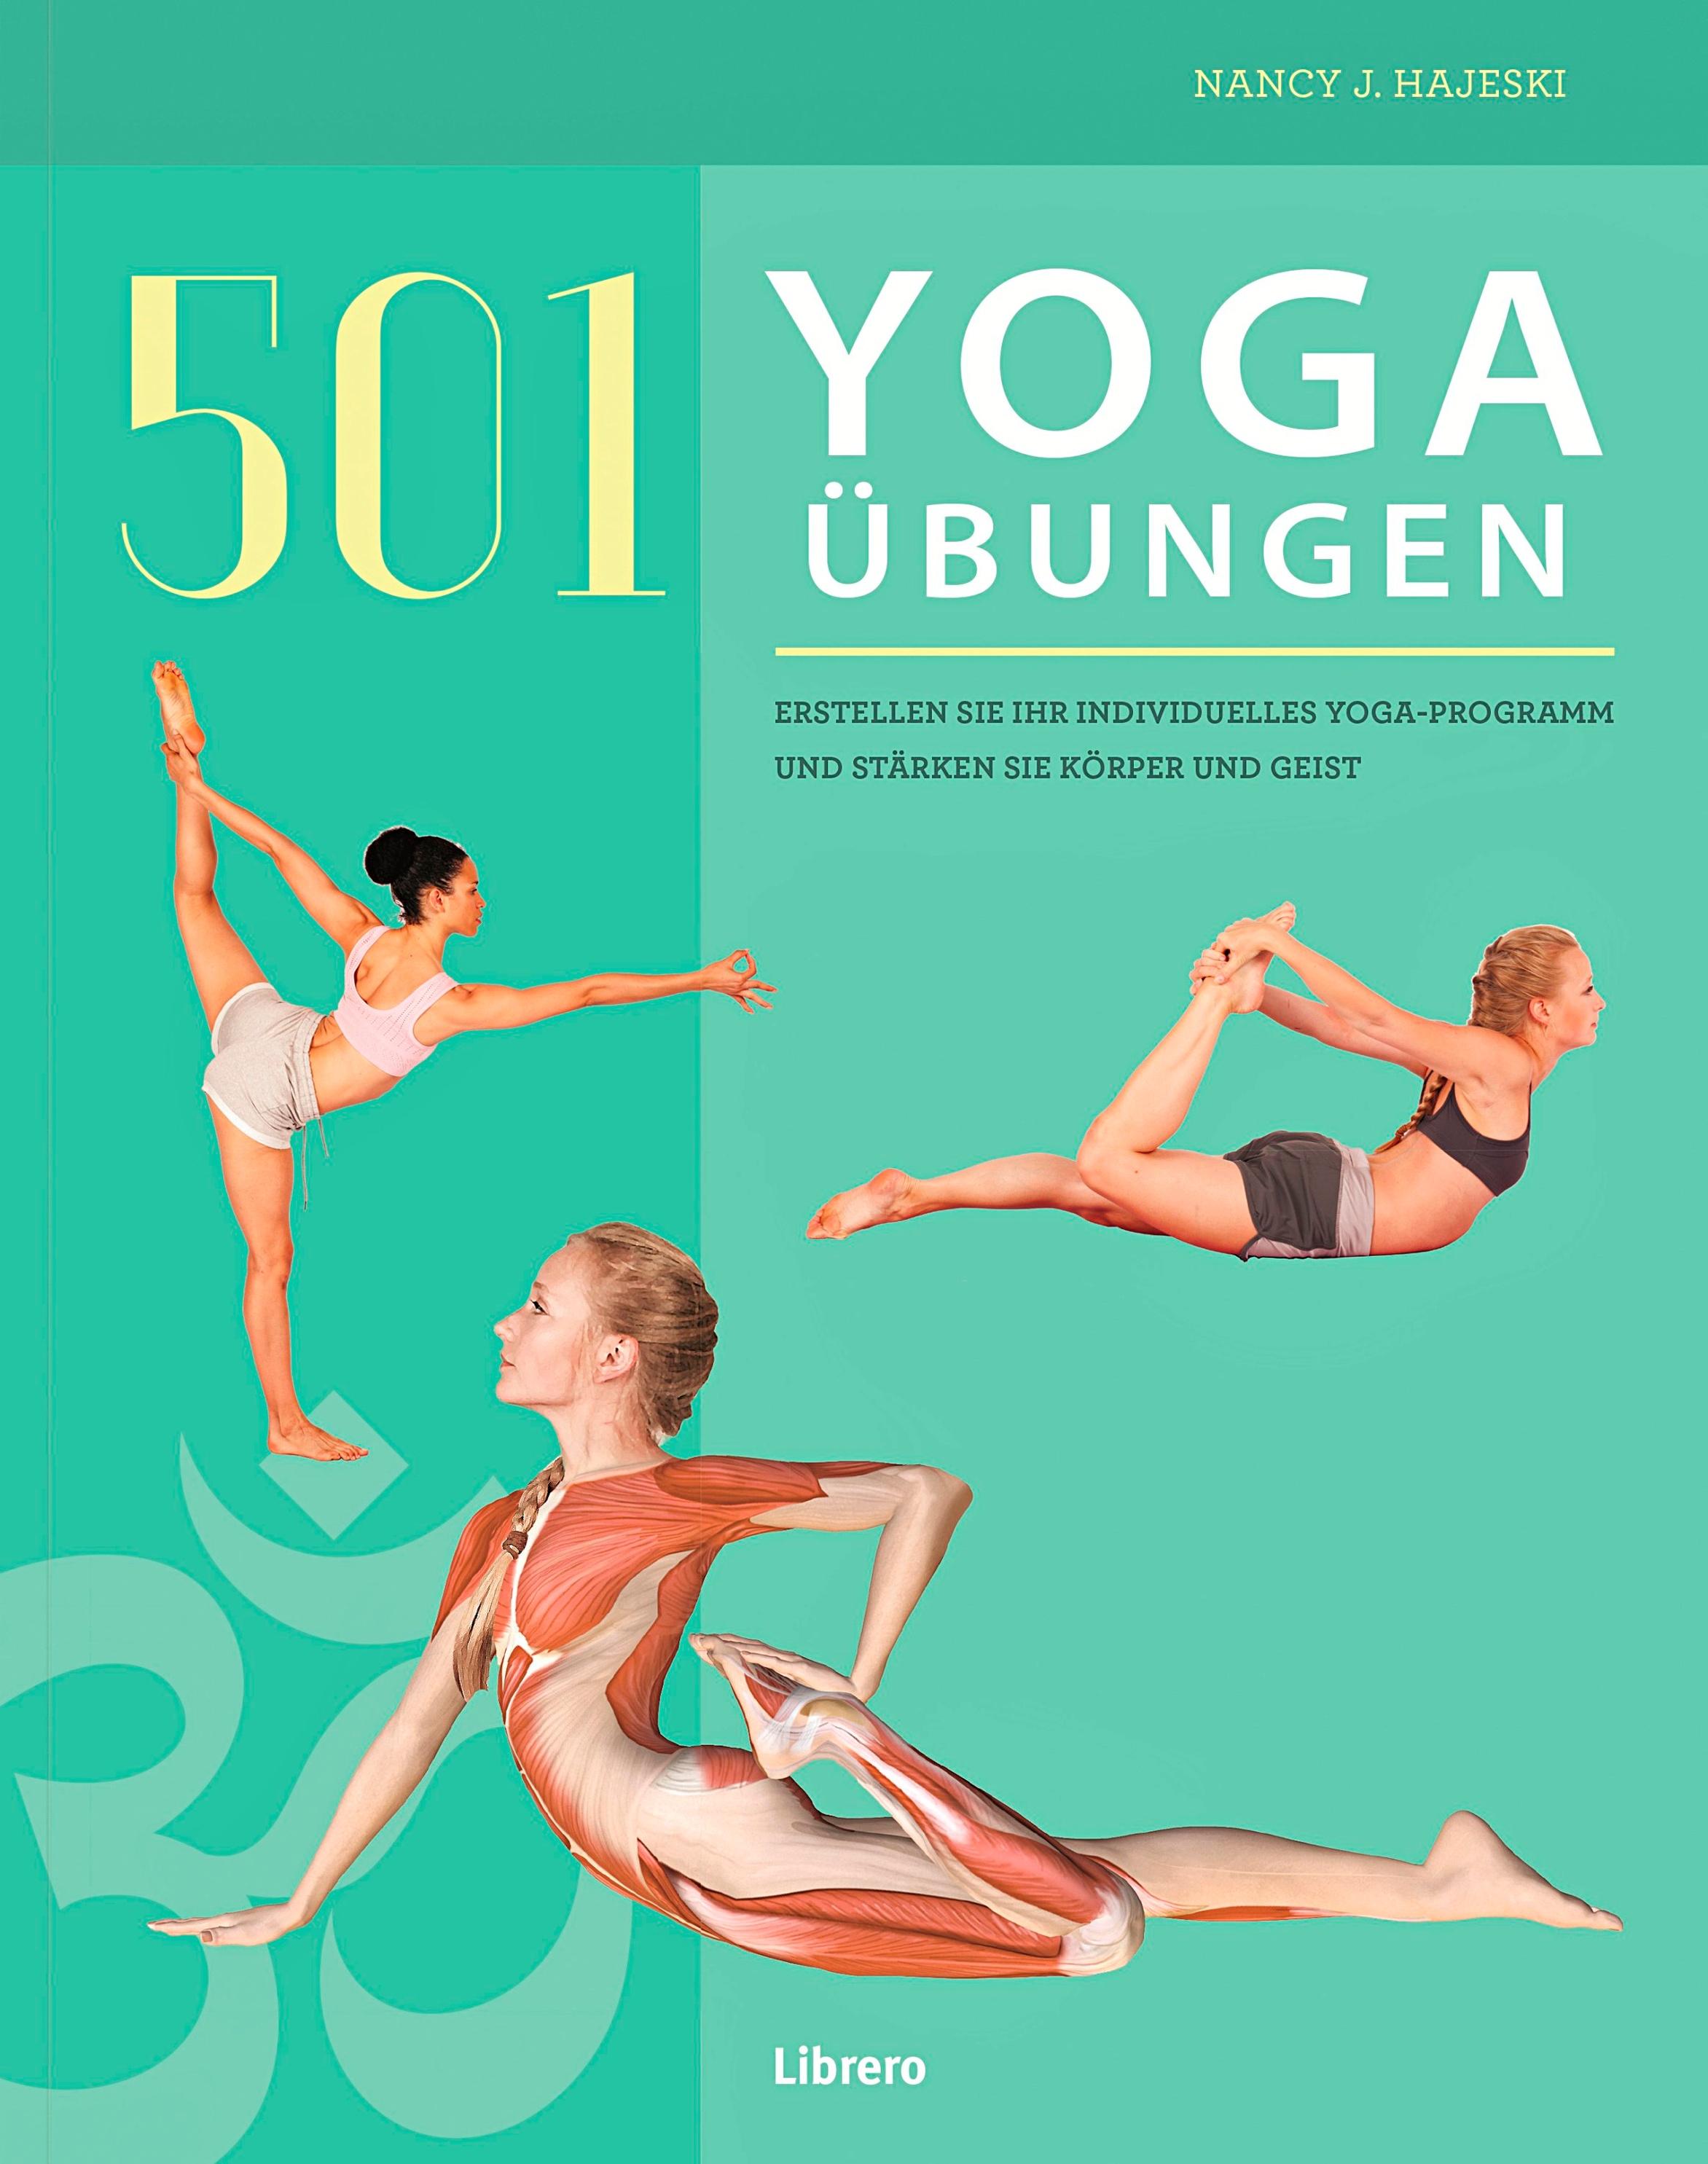 501 Yoga Ubungen Buch Jetzt Bei Weltbild At Online Bestellen